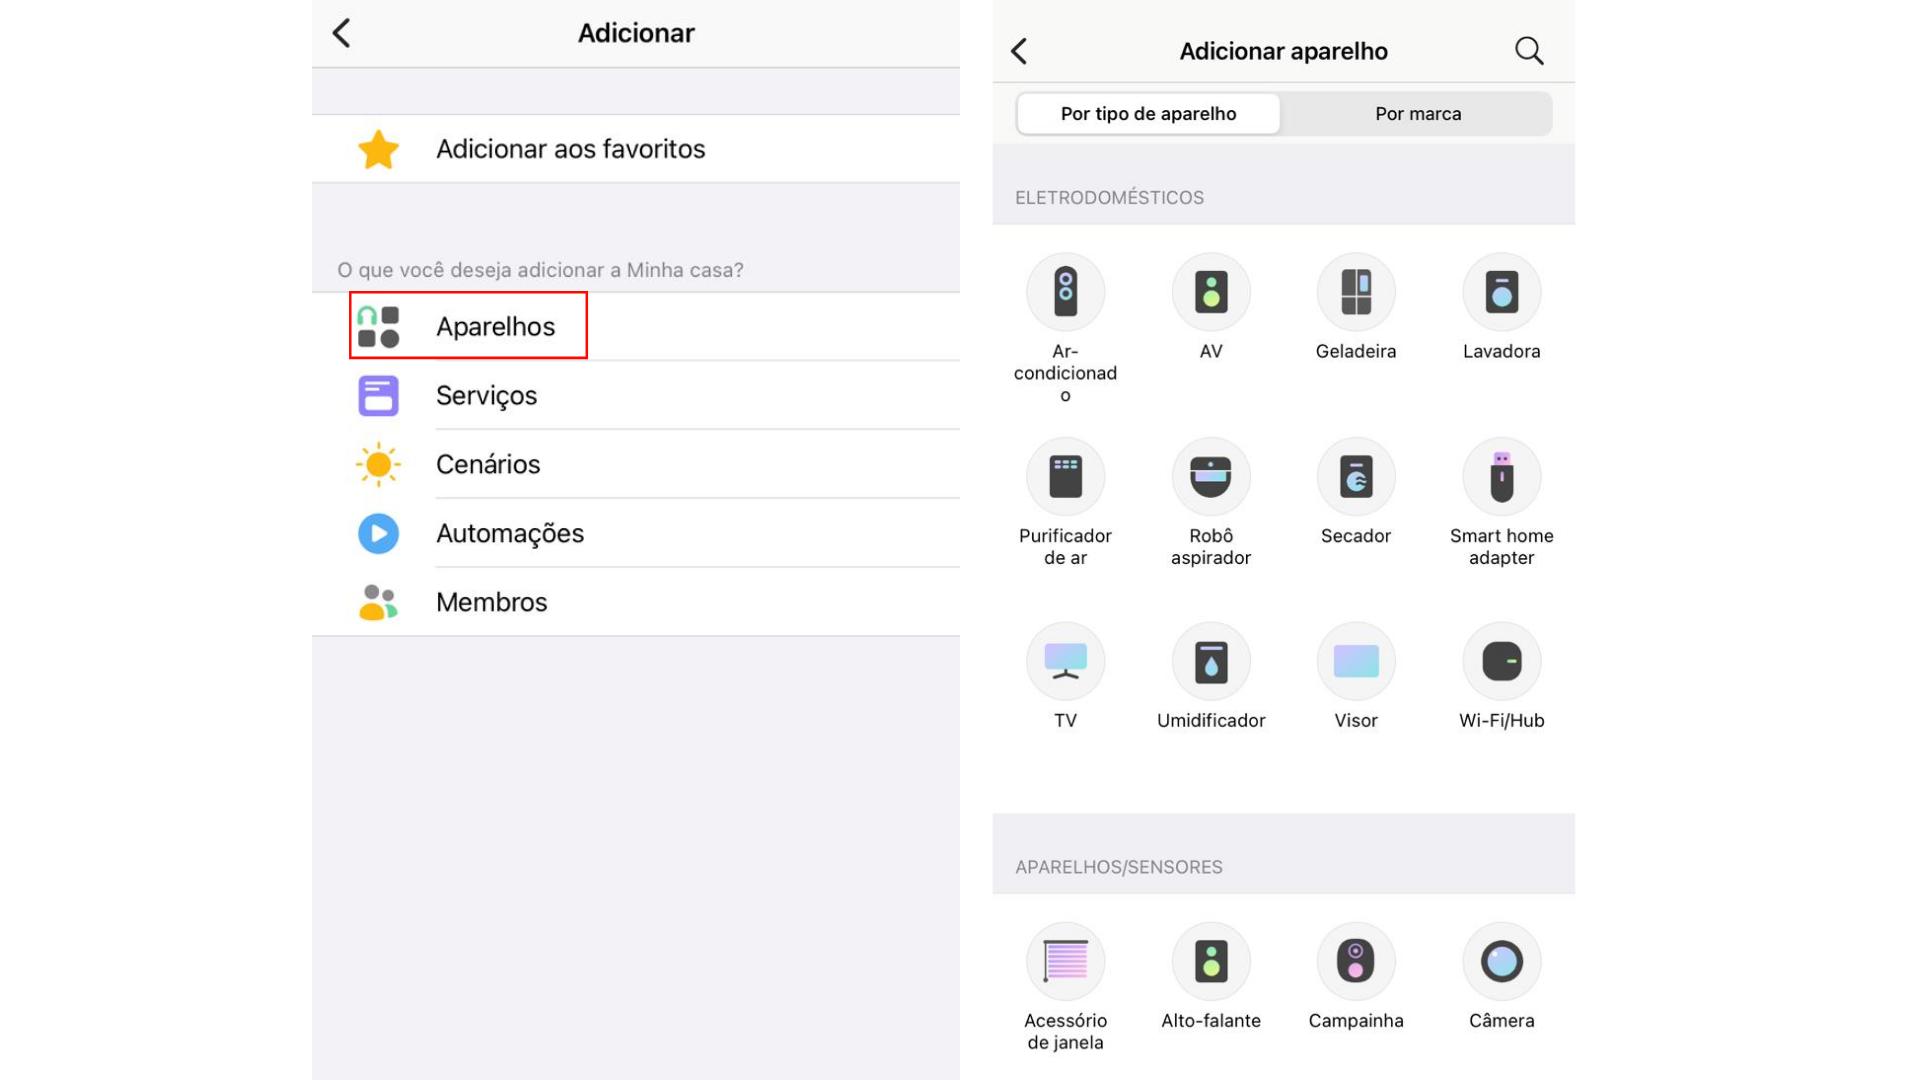 """Na tela """"Adicionar"""", selecione """"Aparelhos"""". Em seguida, escolha o dispositivo desejado. (Imagem: Captura de tela/Zoom)"""